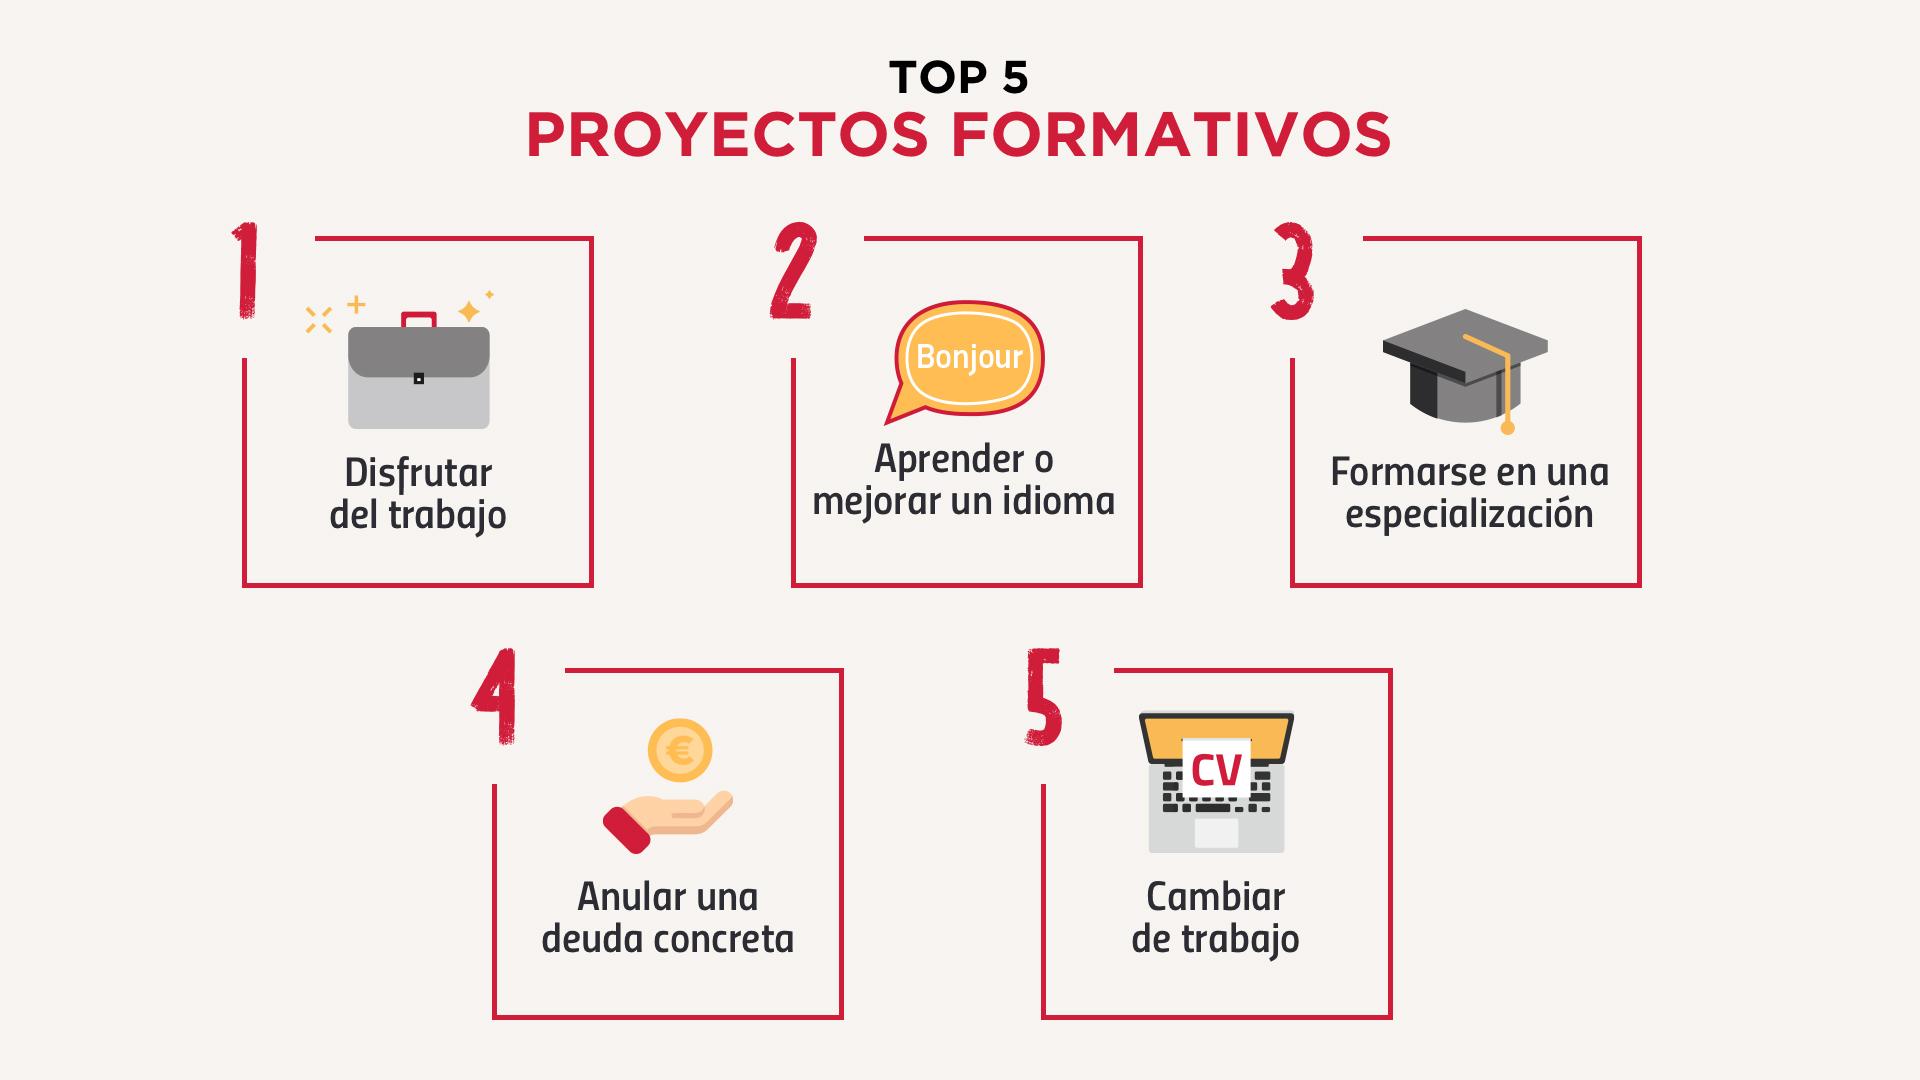 TOP 5 PROYECTOS FORMATIVOS